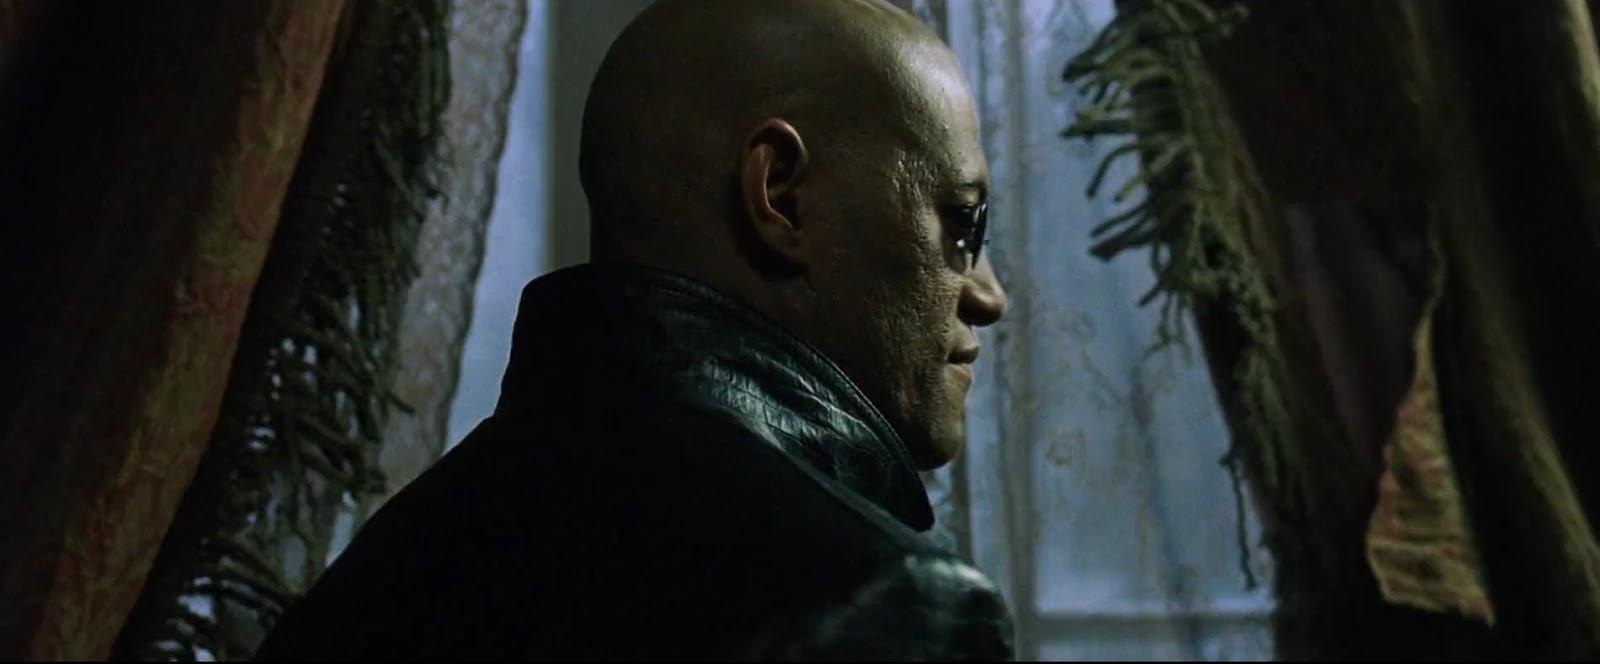 МОРФИУС или МОРФЕЙ (лат. Morpheus, греческий Бог повелитель сна) — персонаж фильма «Матрица»